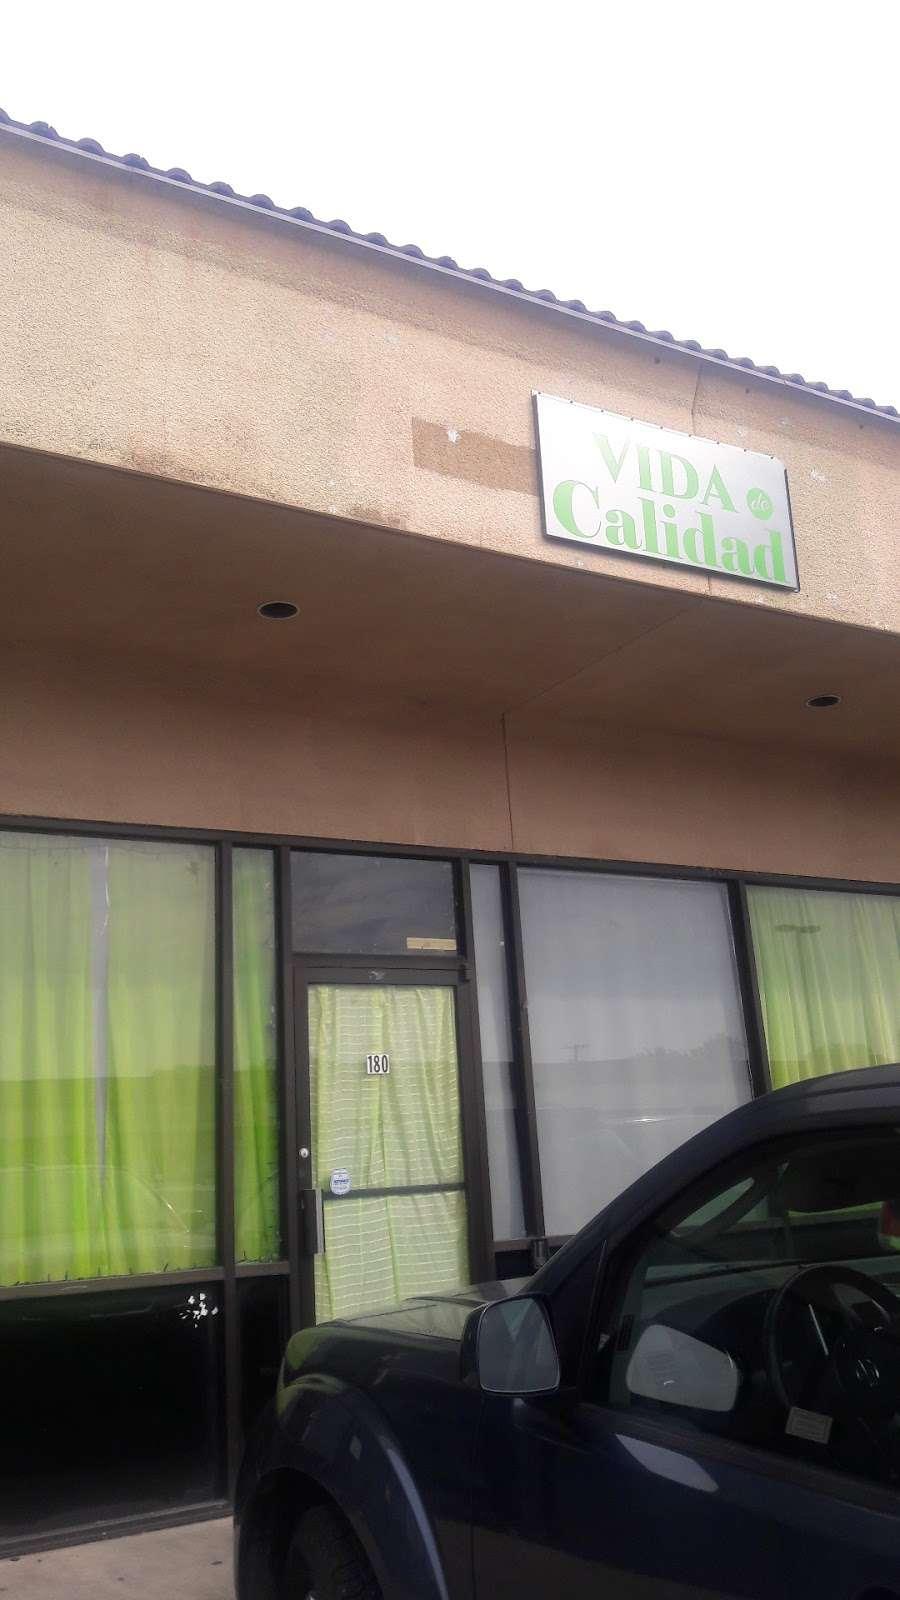 Club Vida De Calidad Ejercicio Y Nutrición - cafe  | Photo 1 of 7 | Address: 6500 Northwest Dr suite 180, Mesquite, TX 75150, USA